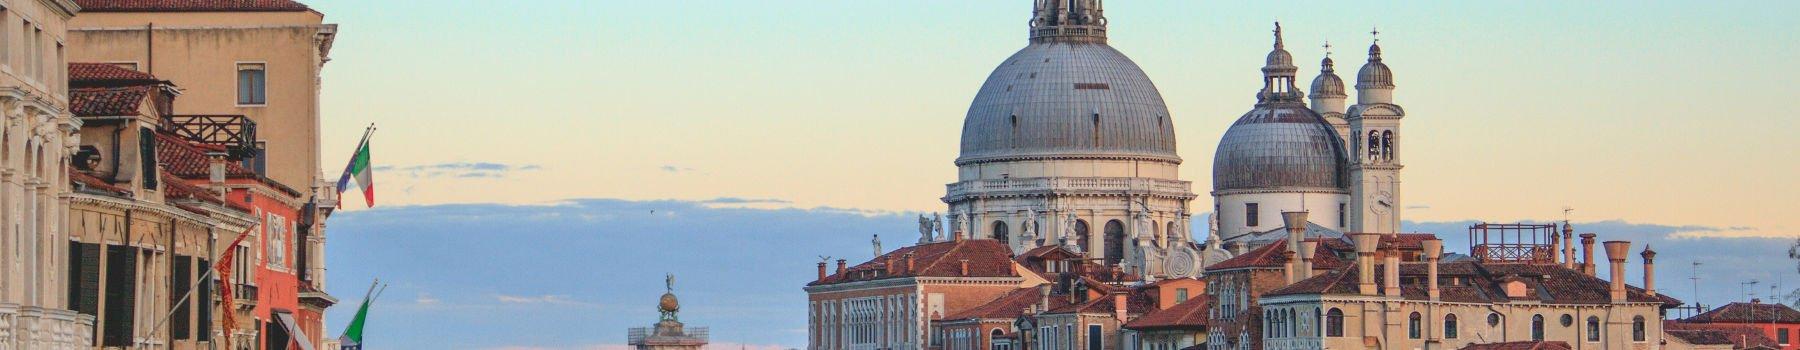 Da Rimini, Riccione, Cesenatico a Venezia in autobus | Bonelli Bus